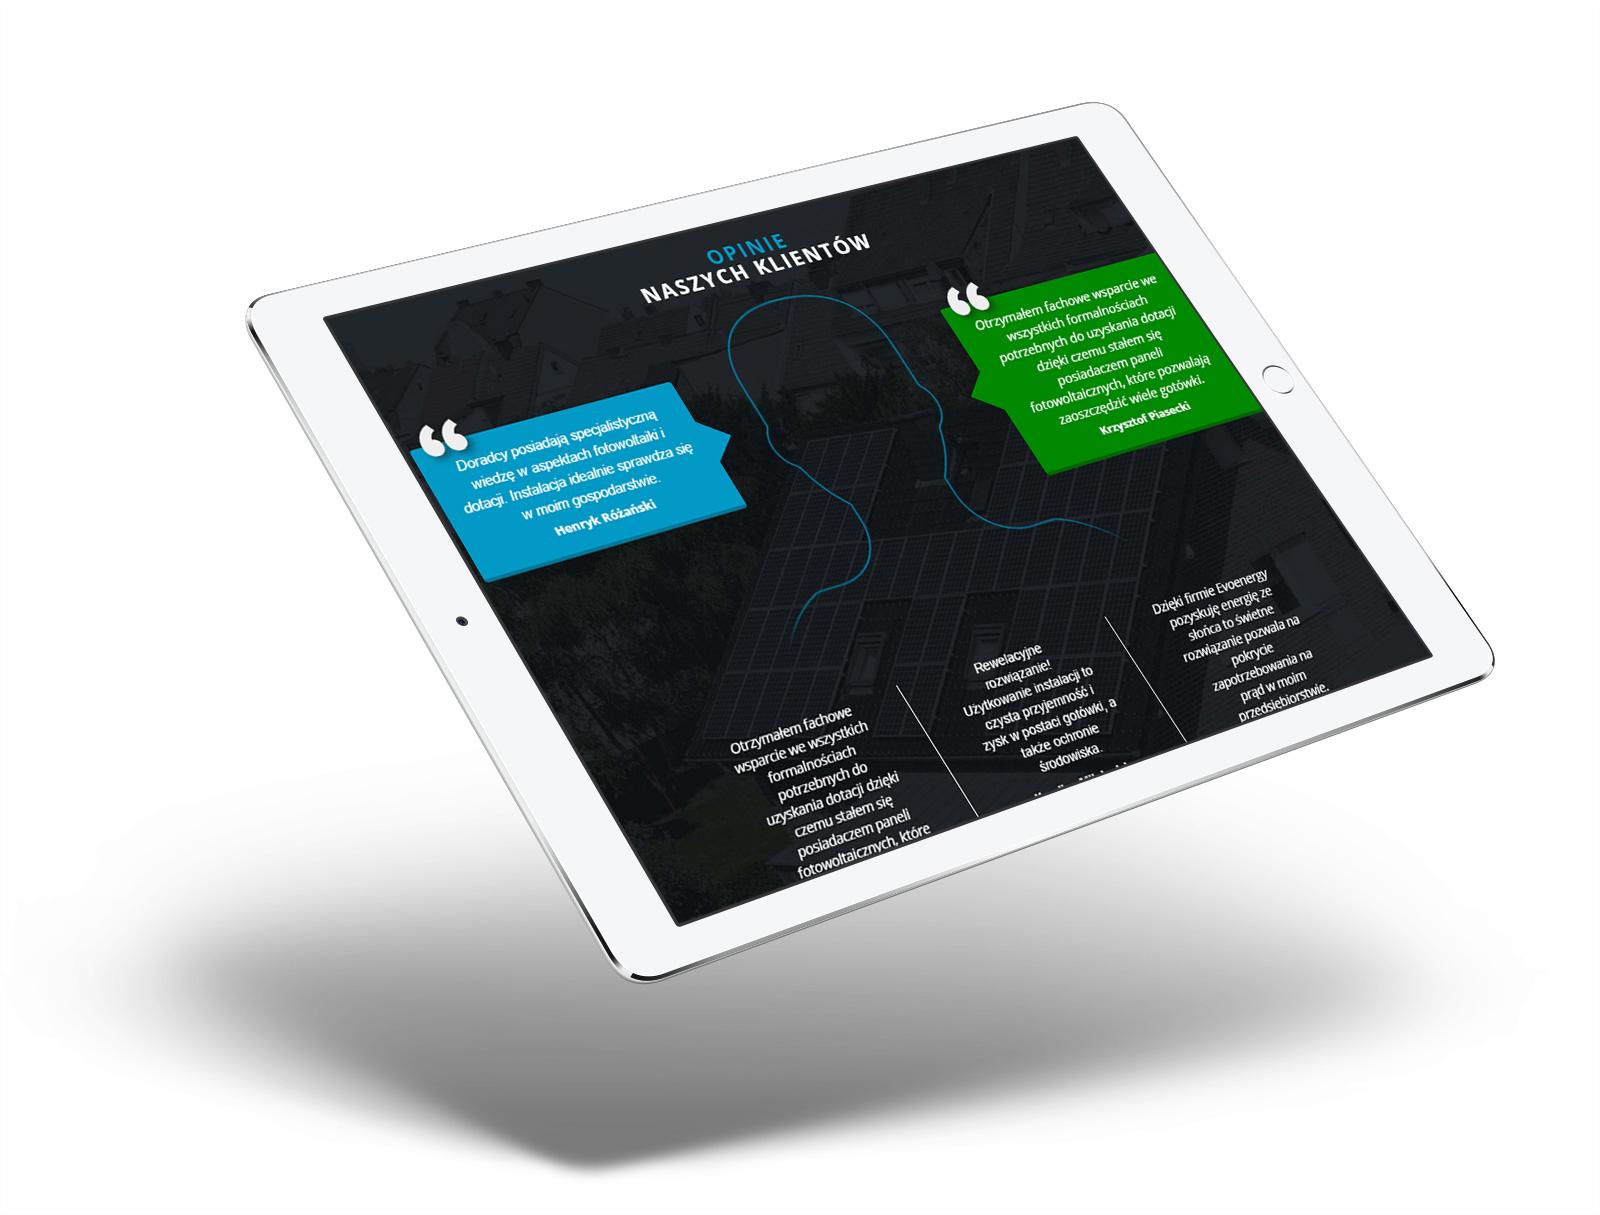 strona www na tablecie iPad